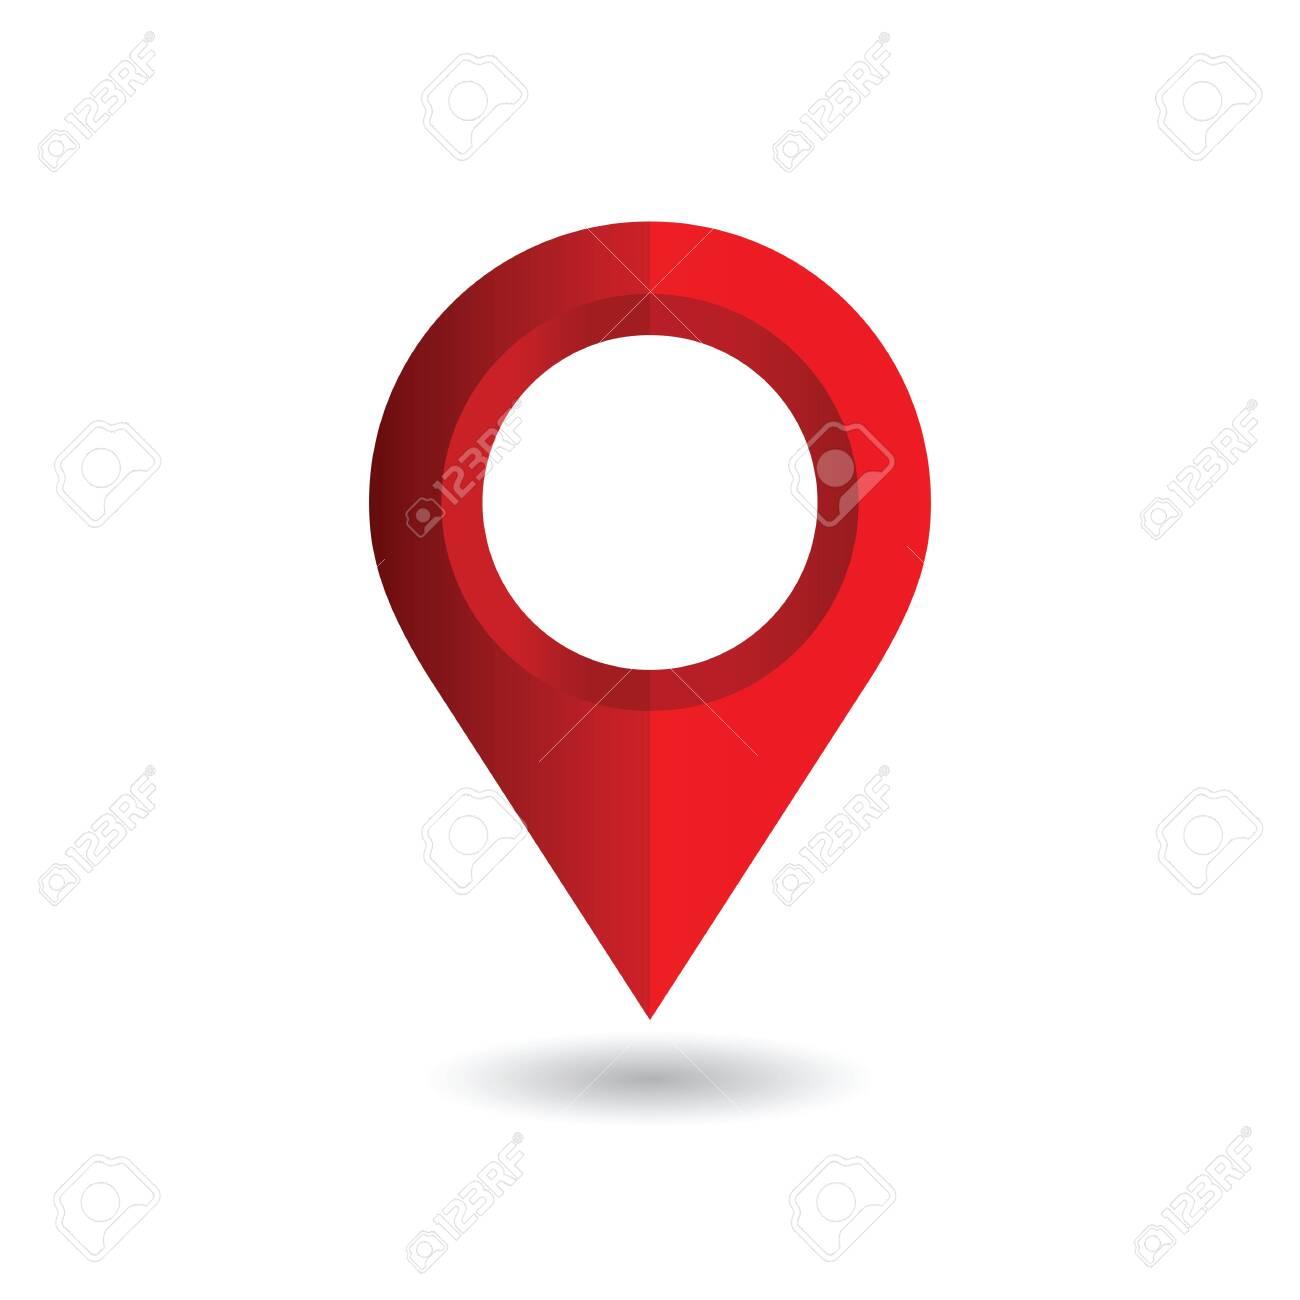 Map pin, location pointer. Vector illustration - 143578169